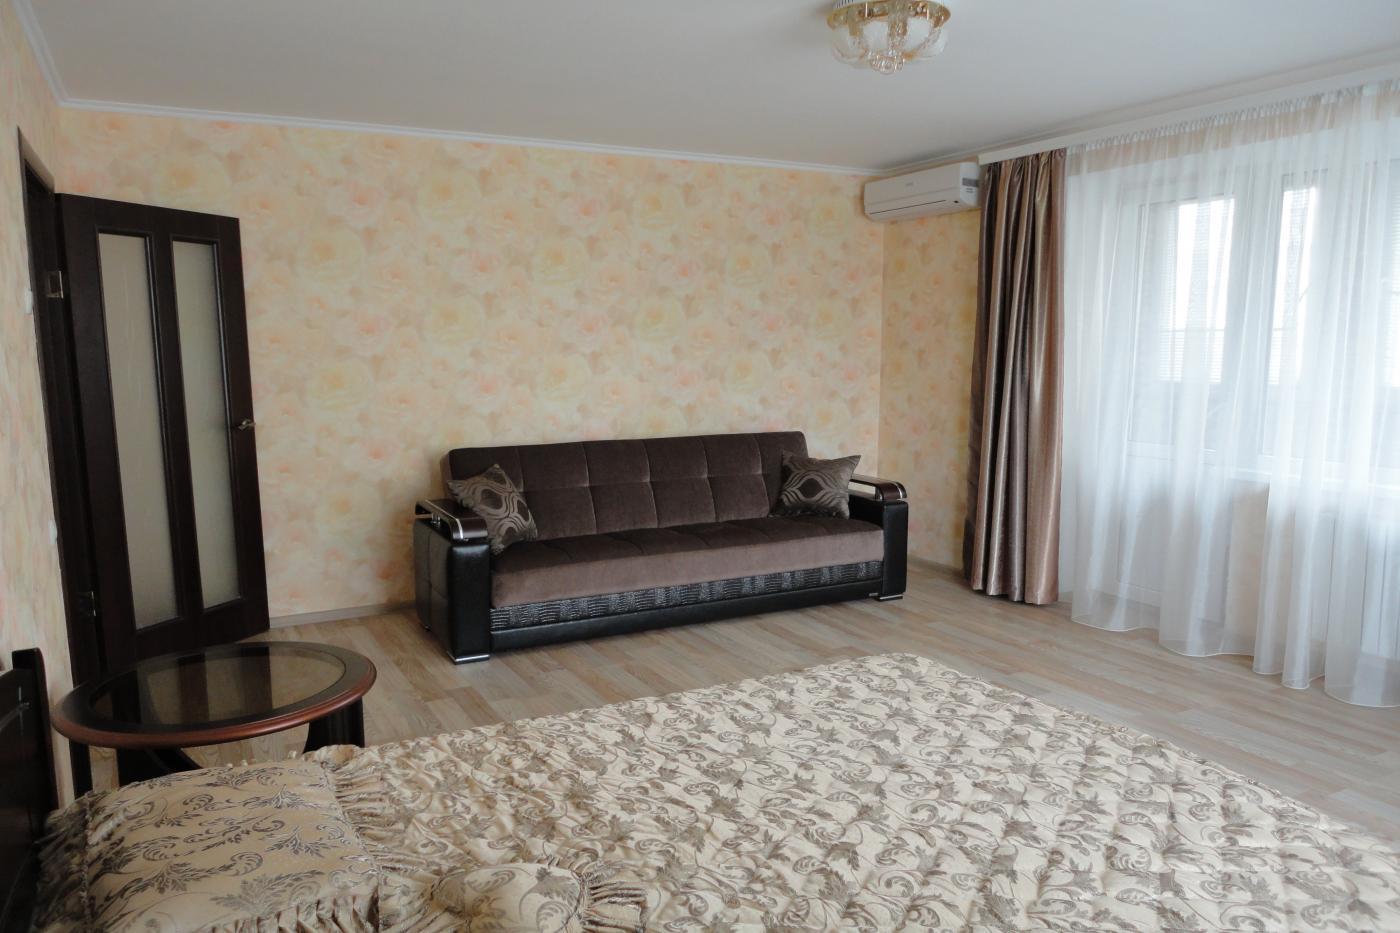 1-комнатная квартира посуточно (вариант № 626), ул. Героев Бреста улица, фото № 5